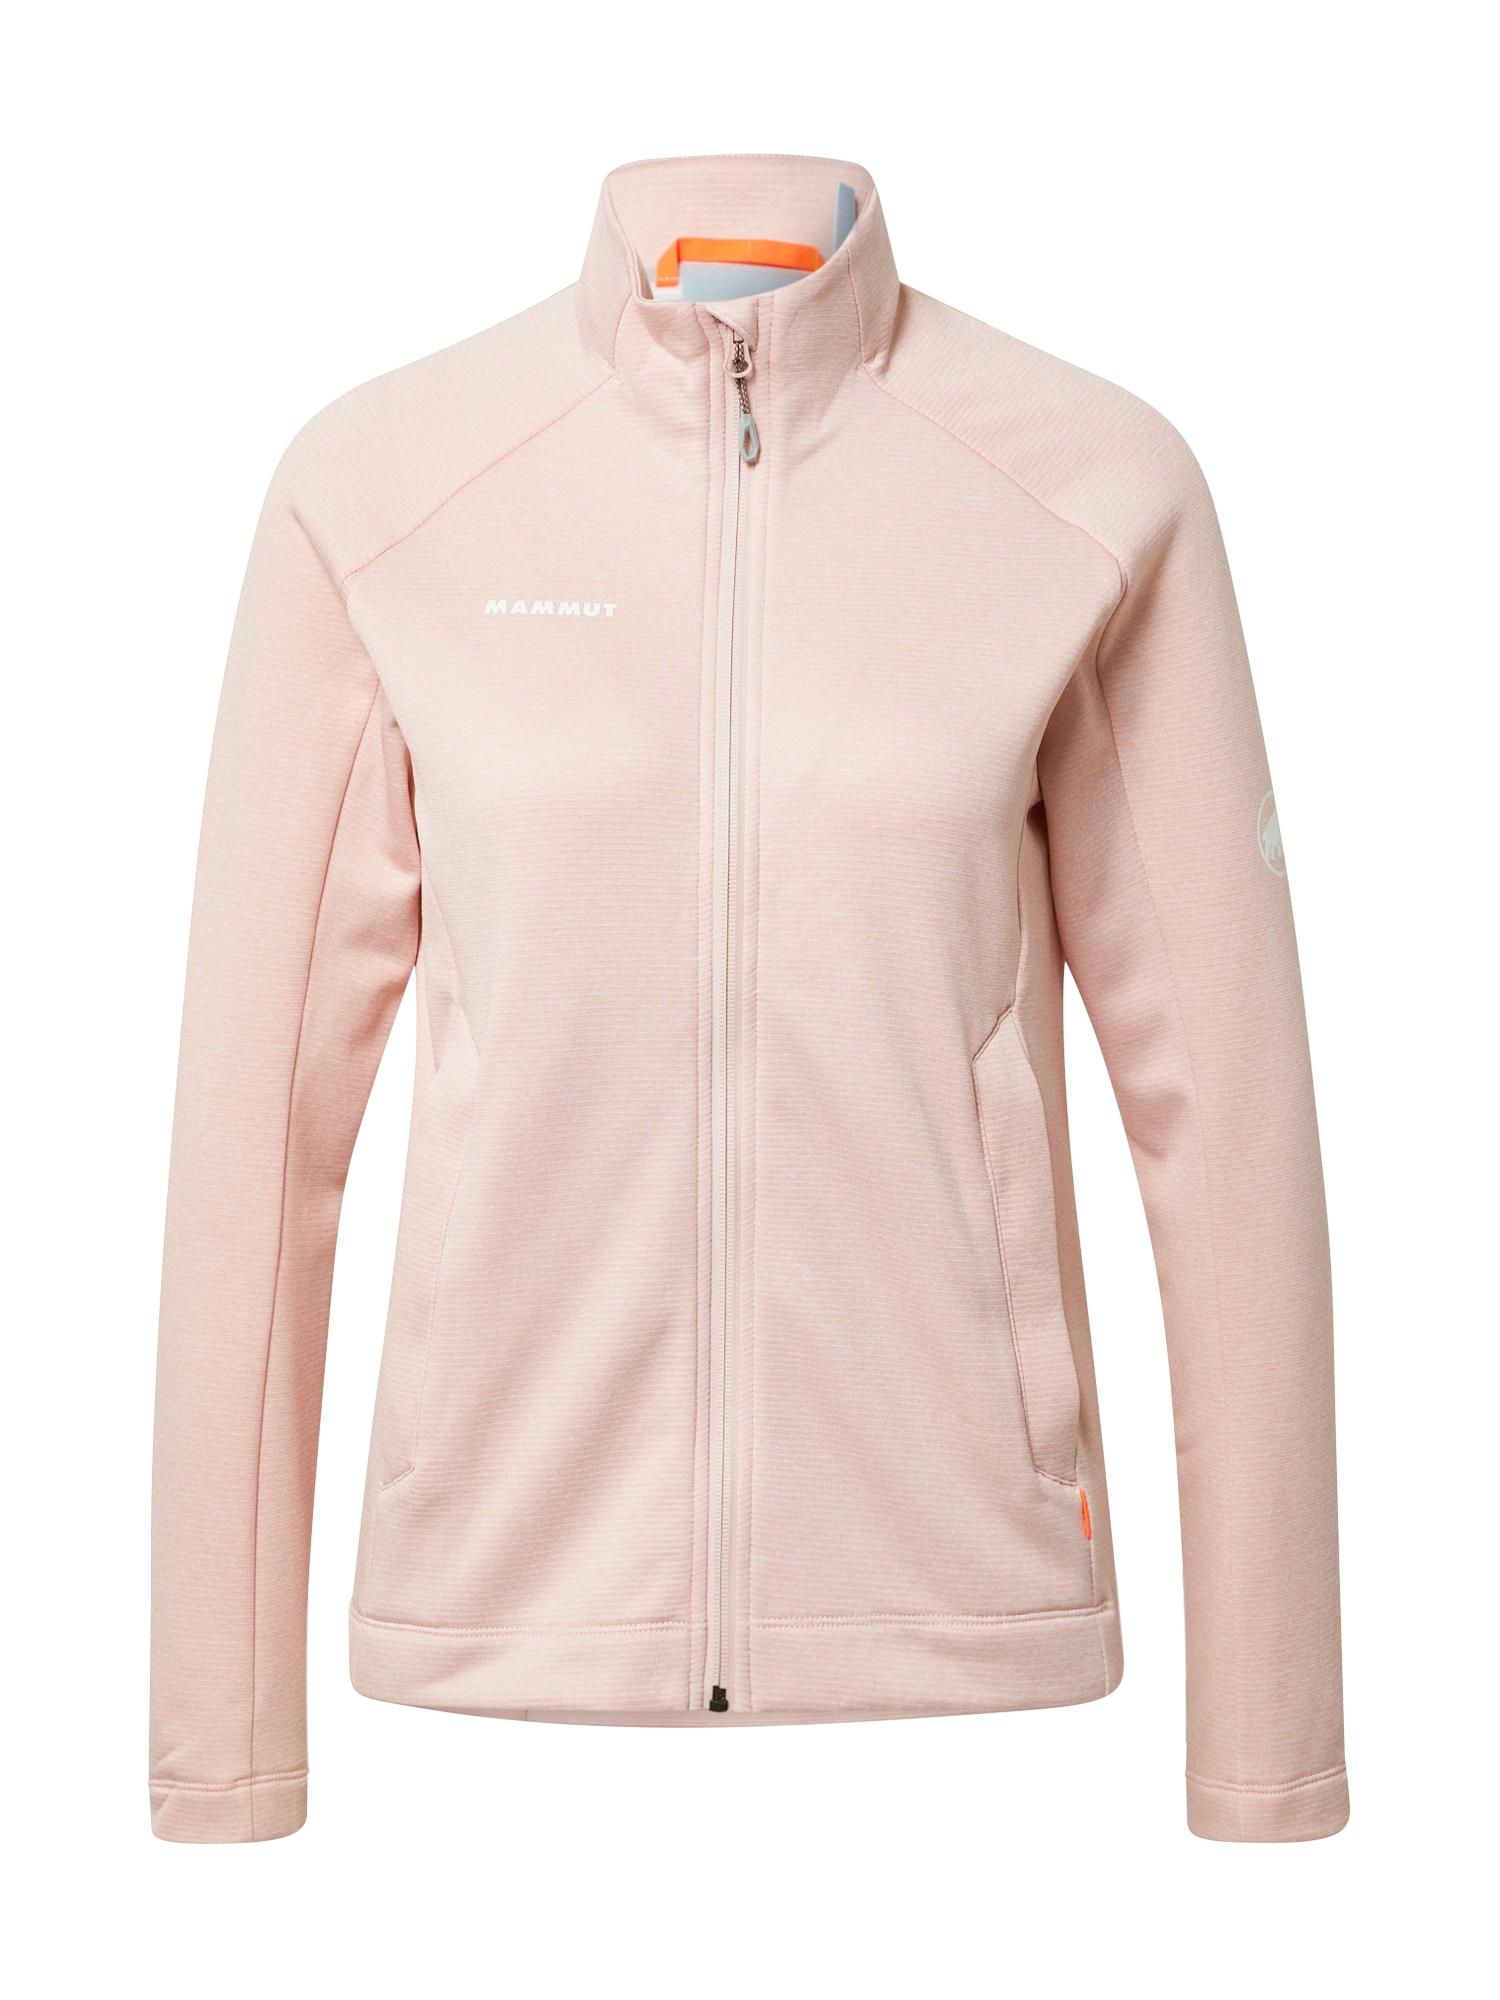 MAMMUT Sportinis džemperis ryškiai rožinė spalva